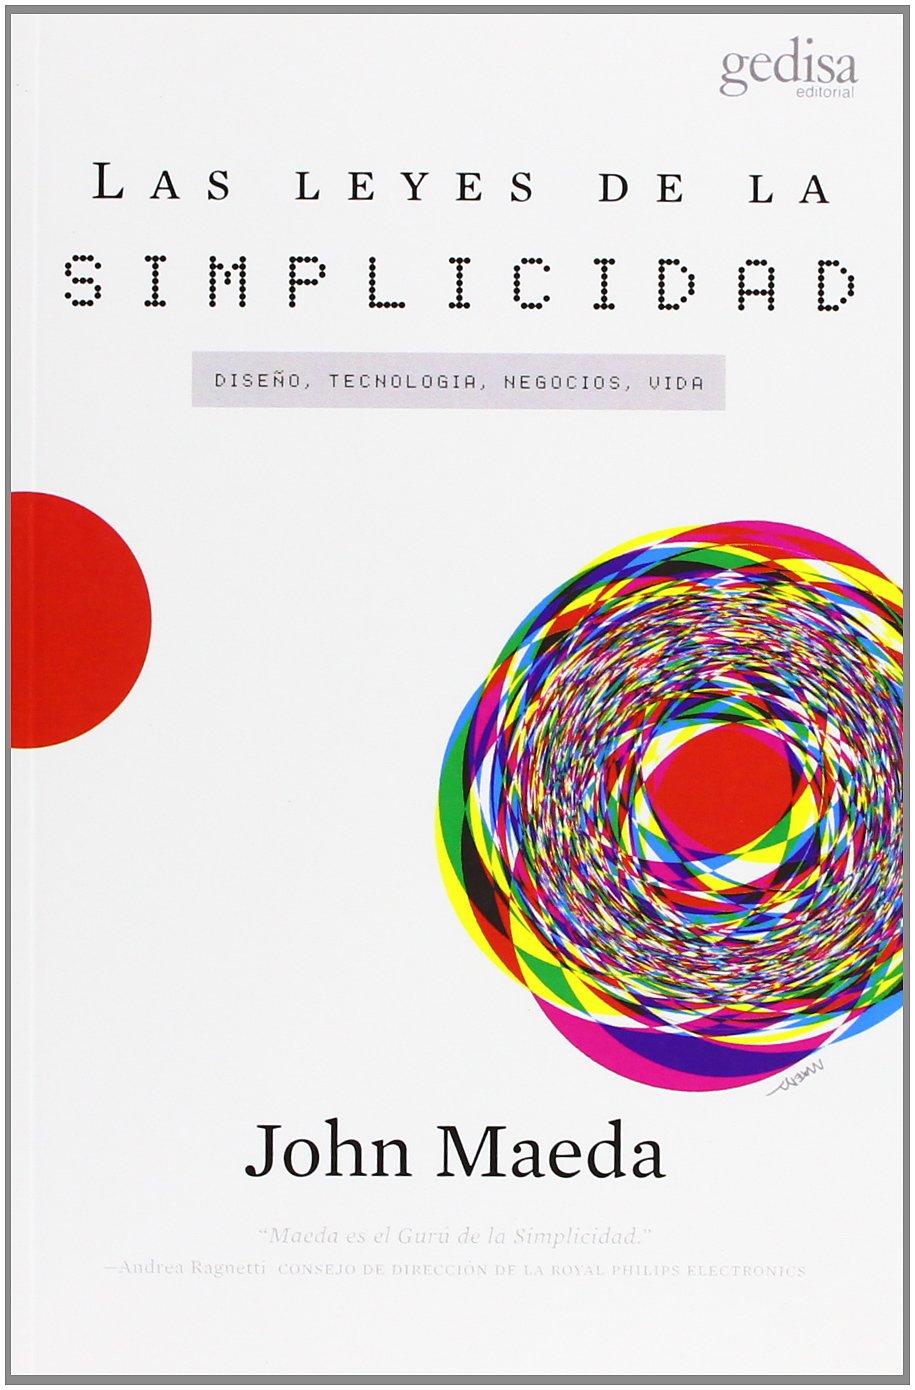 """El libro """"Leyes de la Simplicidad"""" permite diseñar objetos simples pero funcionales, aunado a ello el autor afirma que se puede aplicar en otros aspectos."""